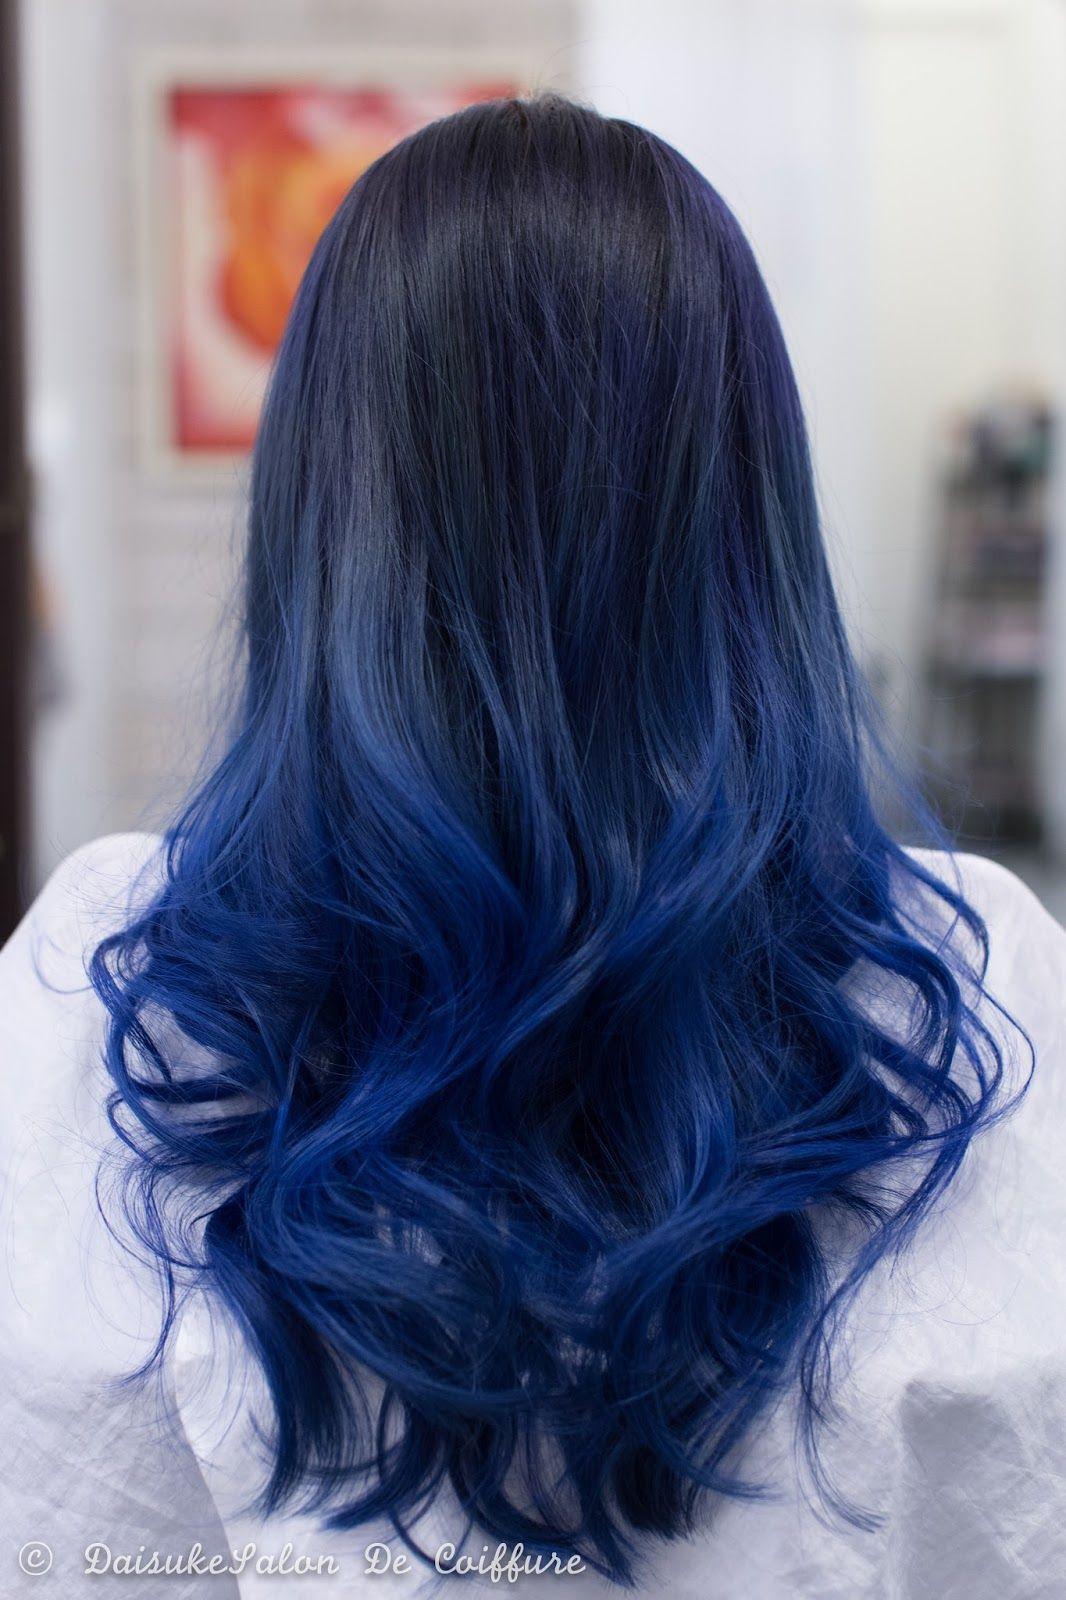 Daisuke Salon De Coiffure Balayage Hair Manicure Blue Colored